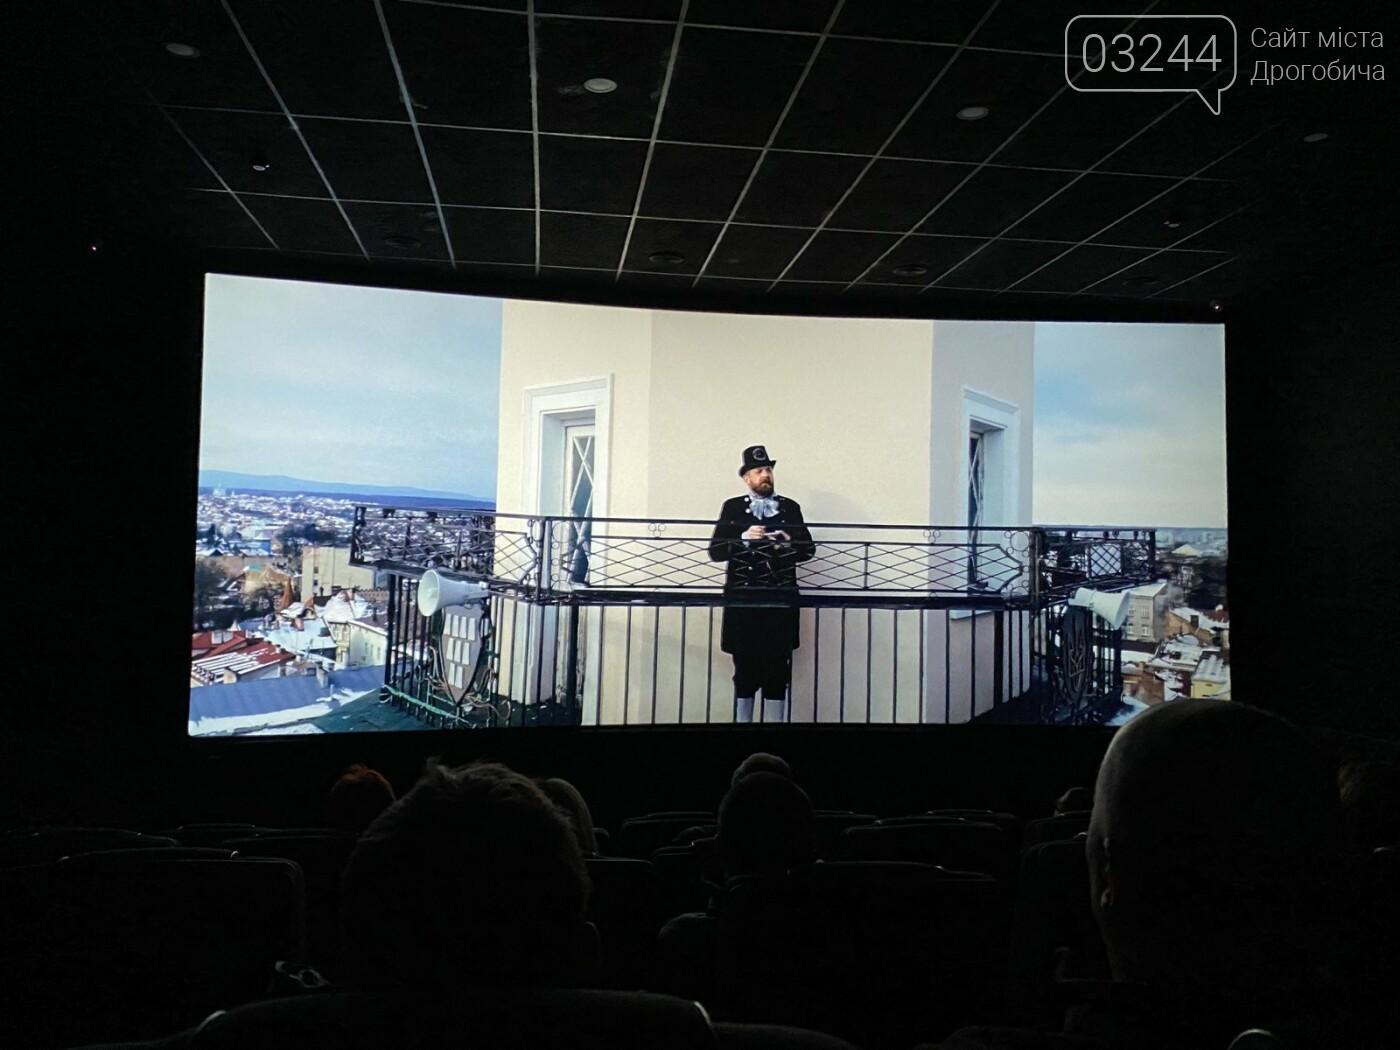 Пропагують українське: на Дрогобиччині тривають зйомки фільму «Лис Микита», фото-3